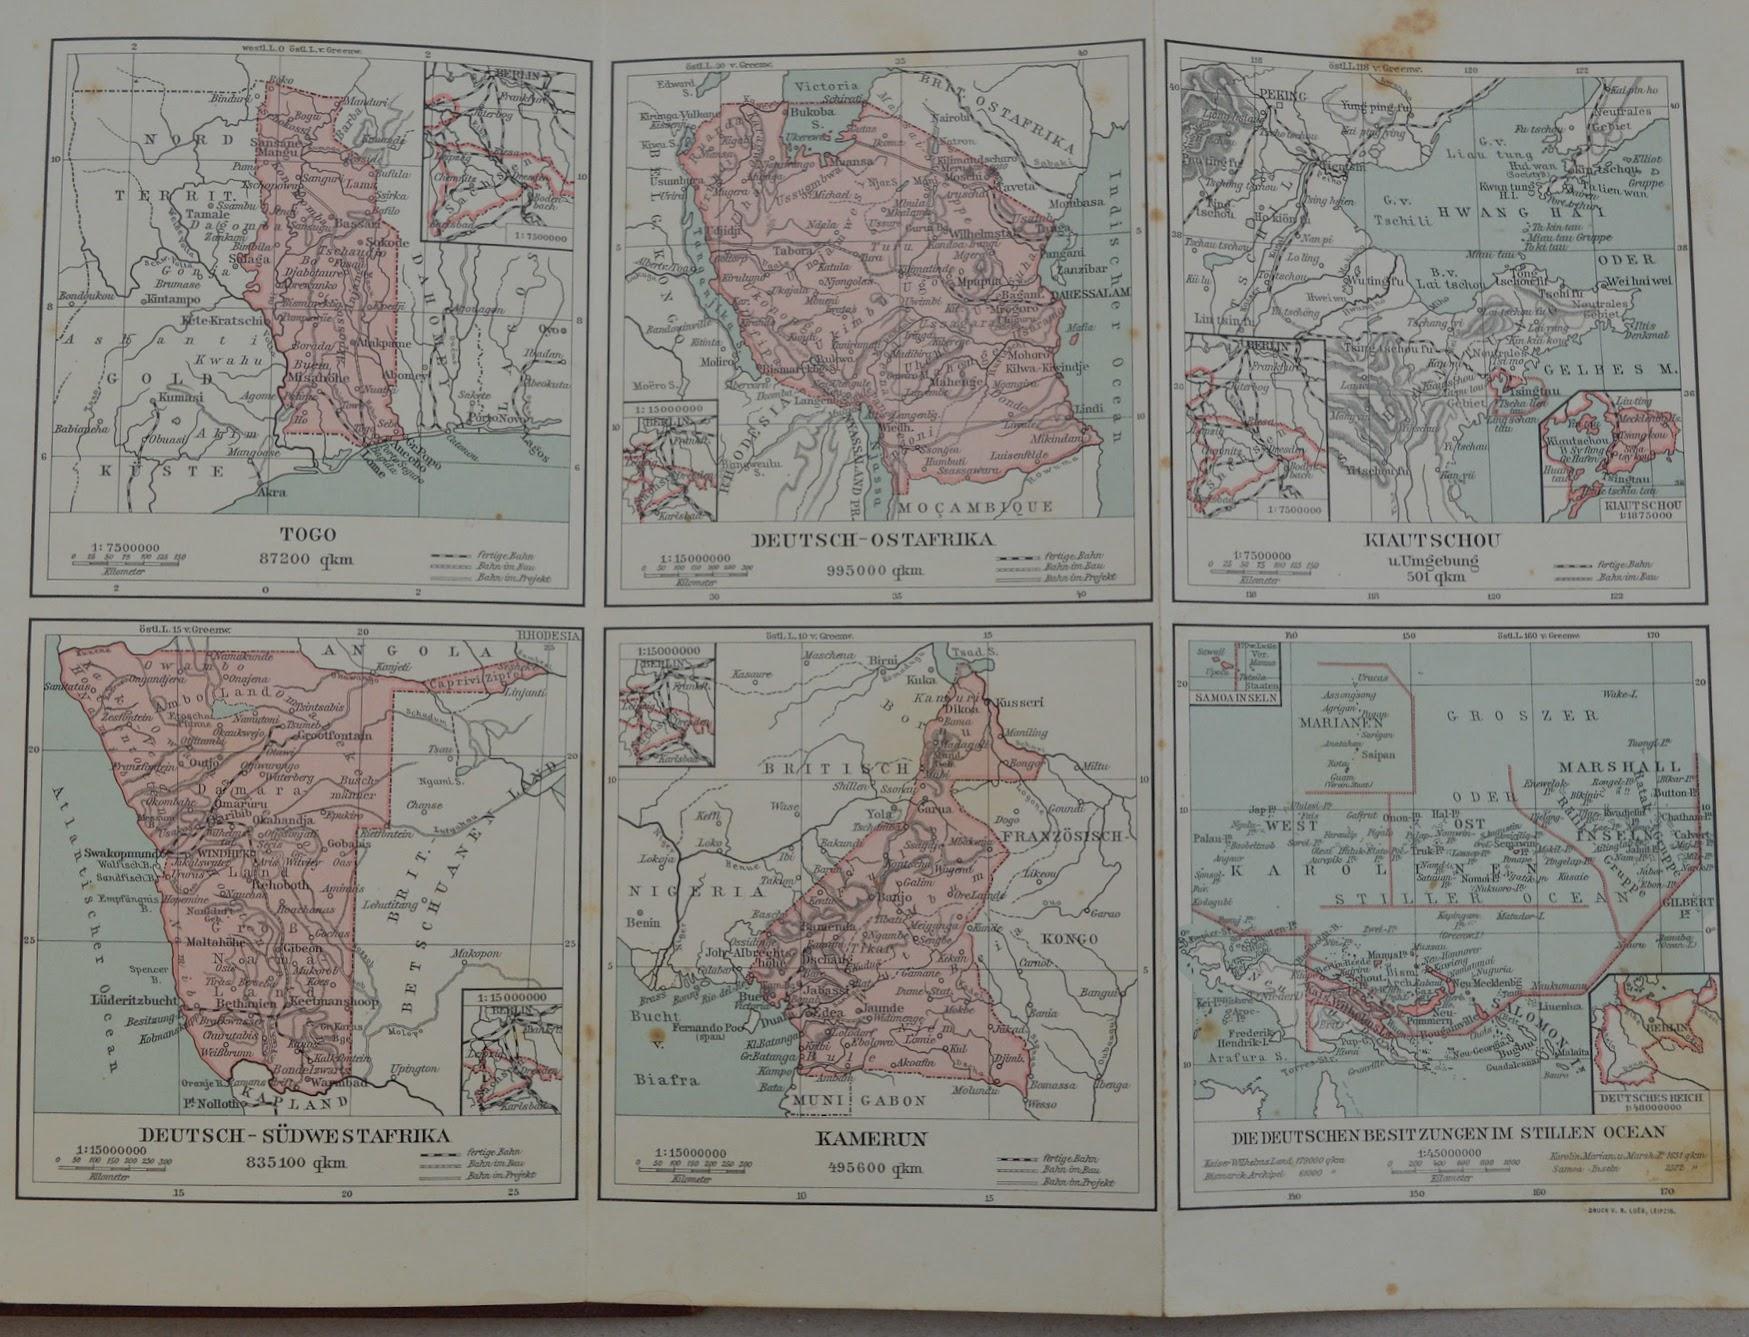 W. Scheel - Deutschlands Kolonien - 1912 - Landkarte der Kolonien